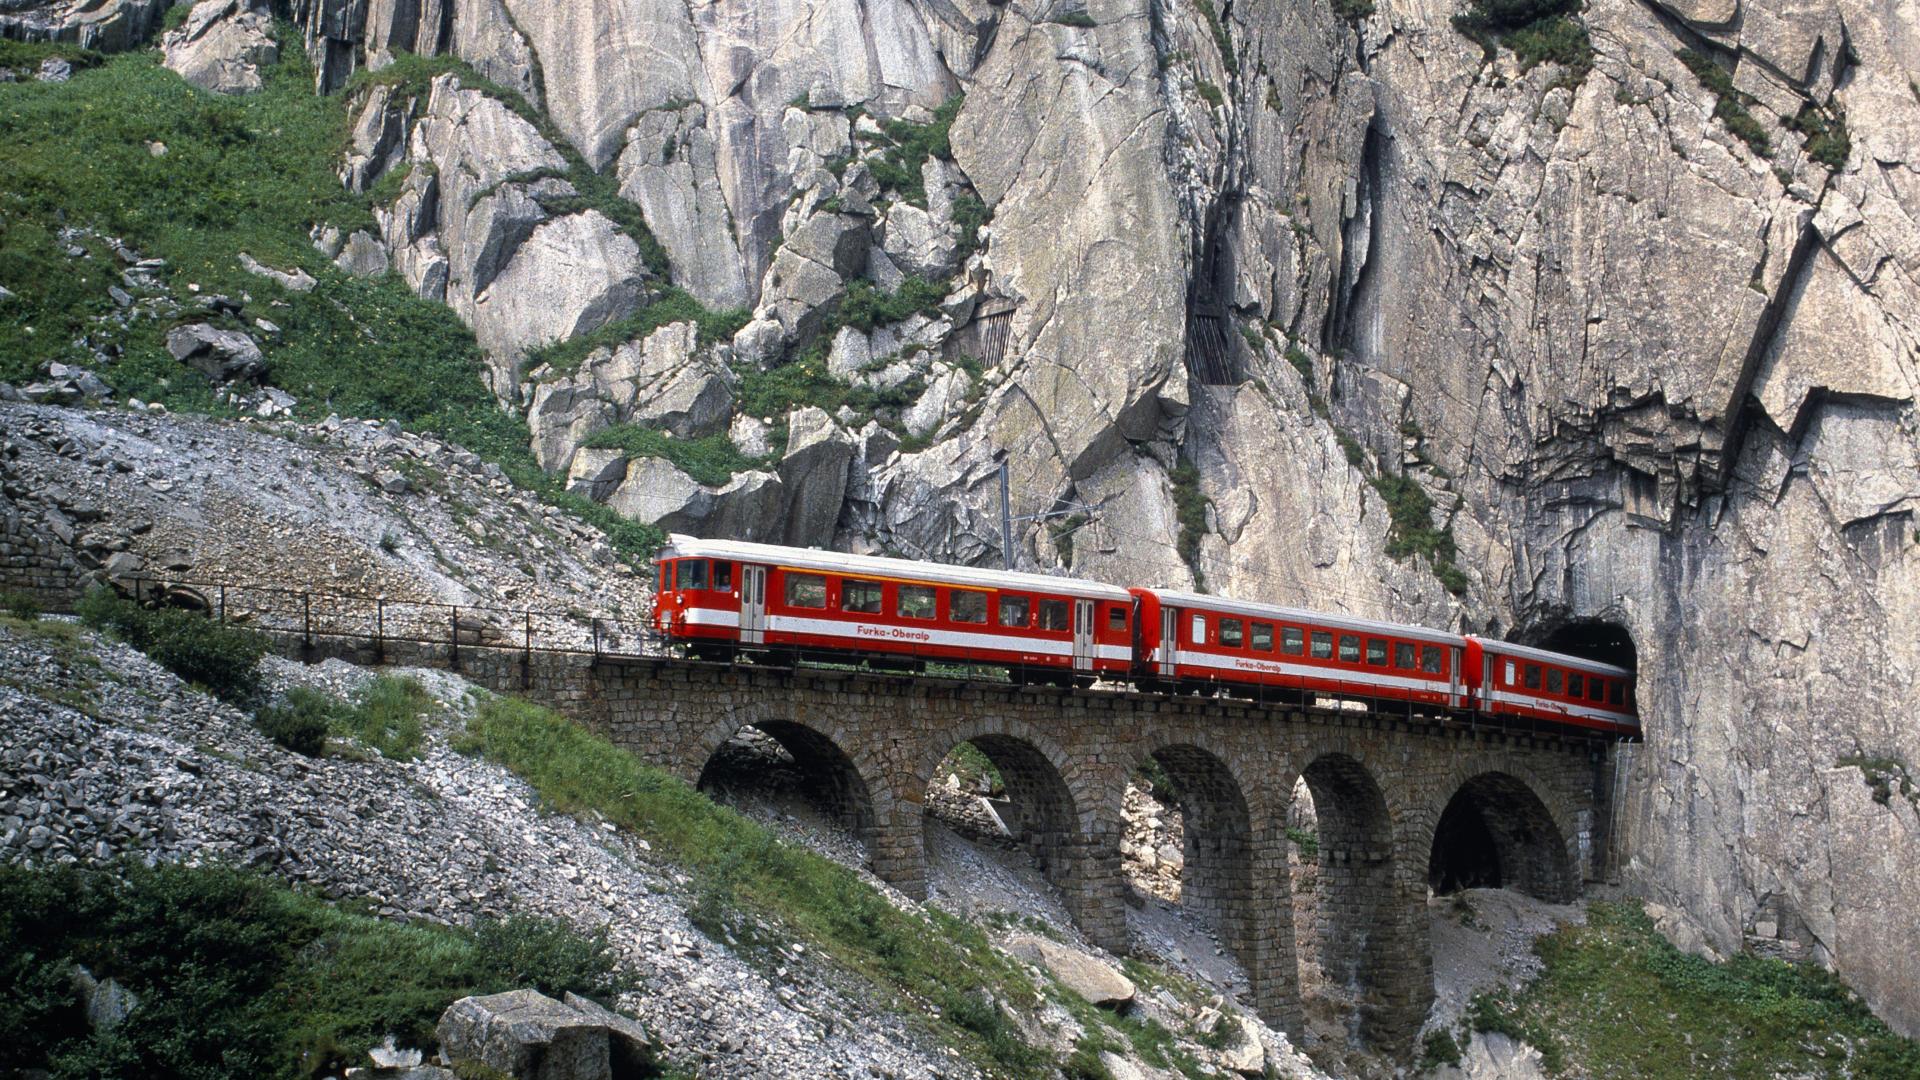 47418壁紙のダウンロード輸送, 列車-スクリーンセーバーと写真を無料で